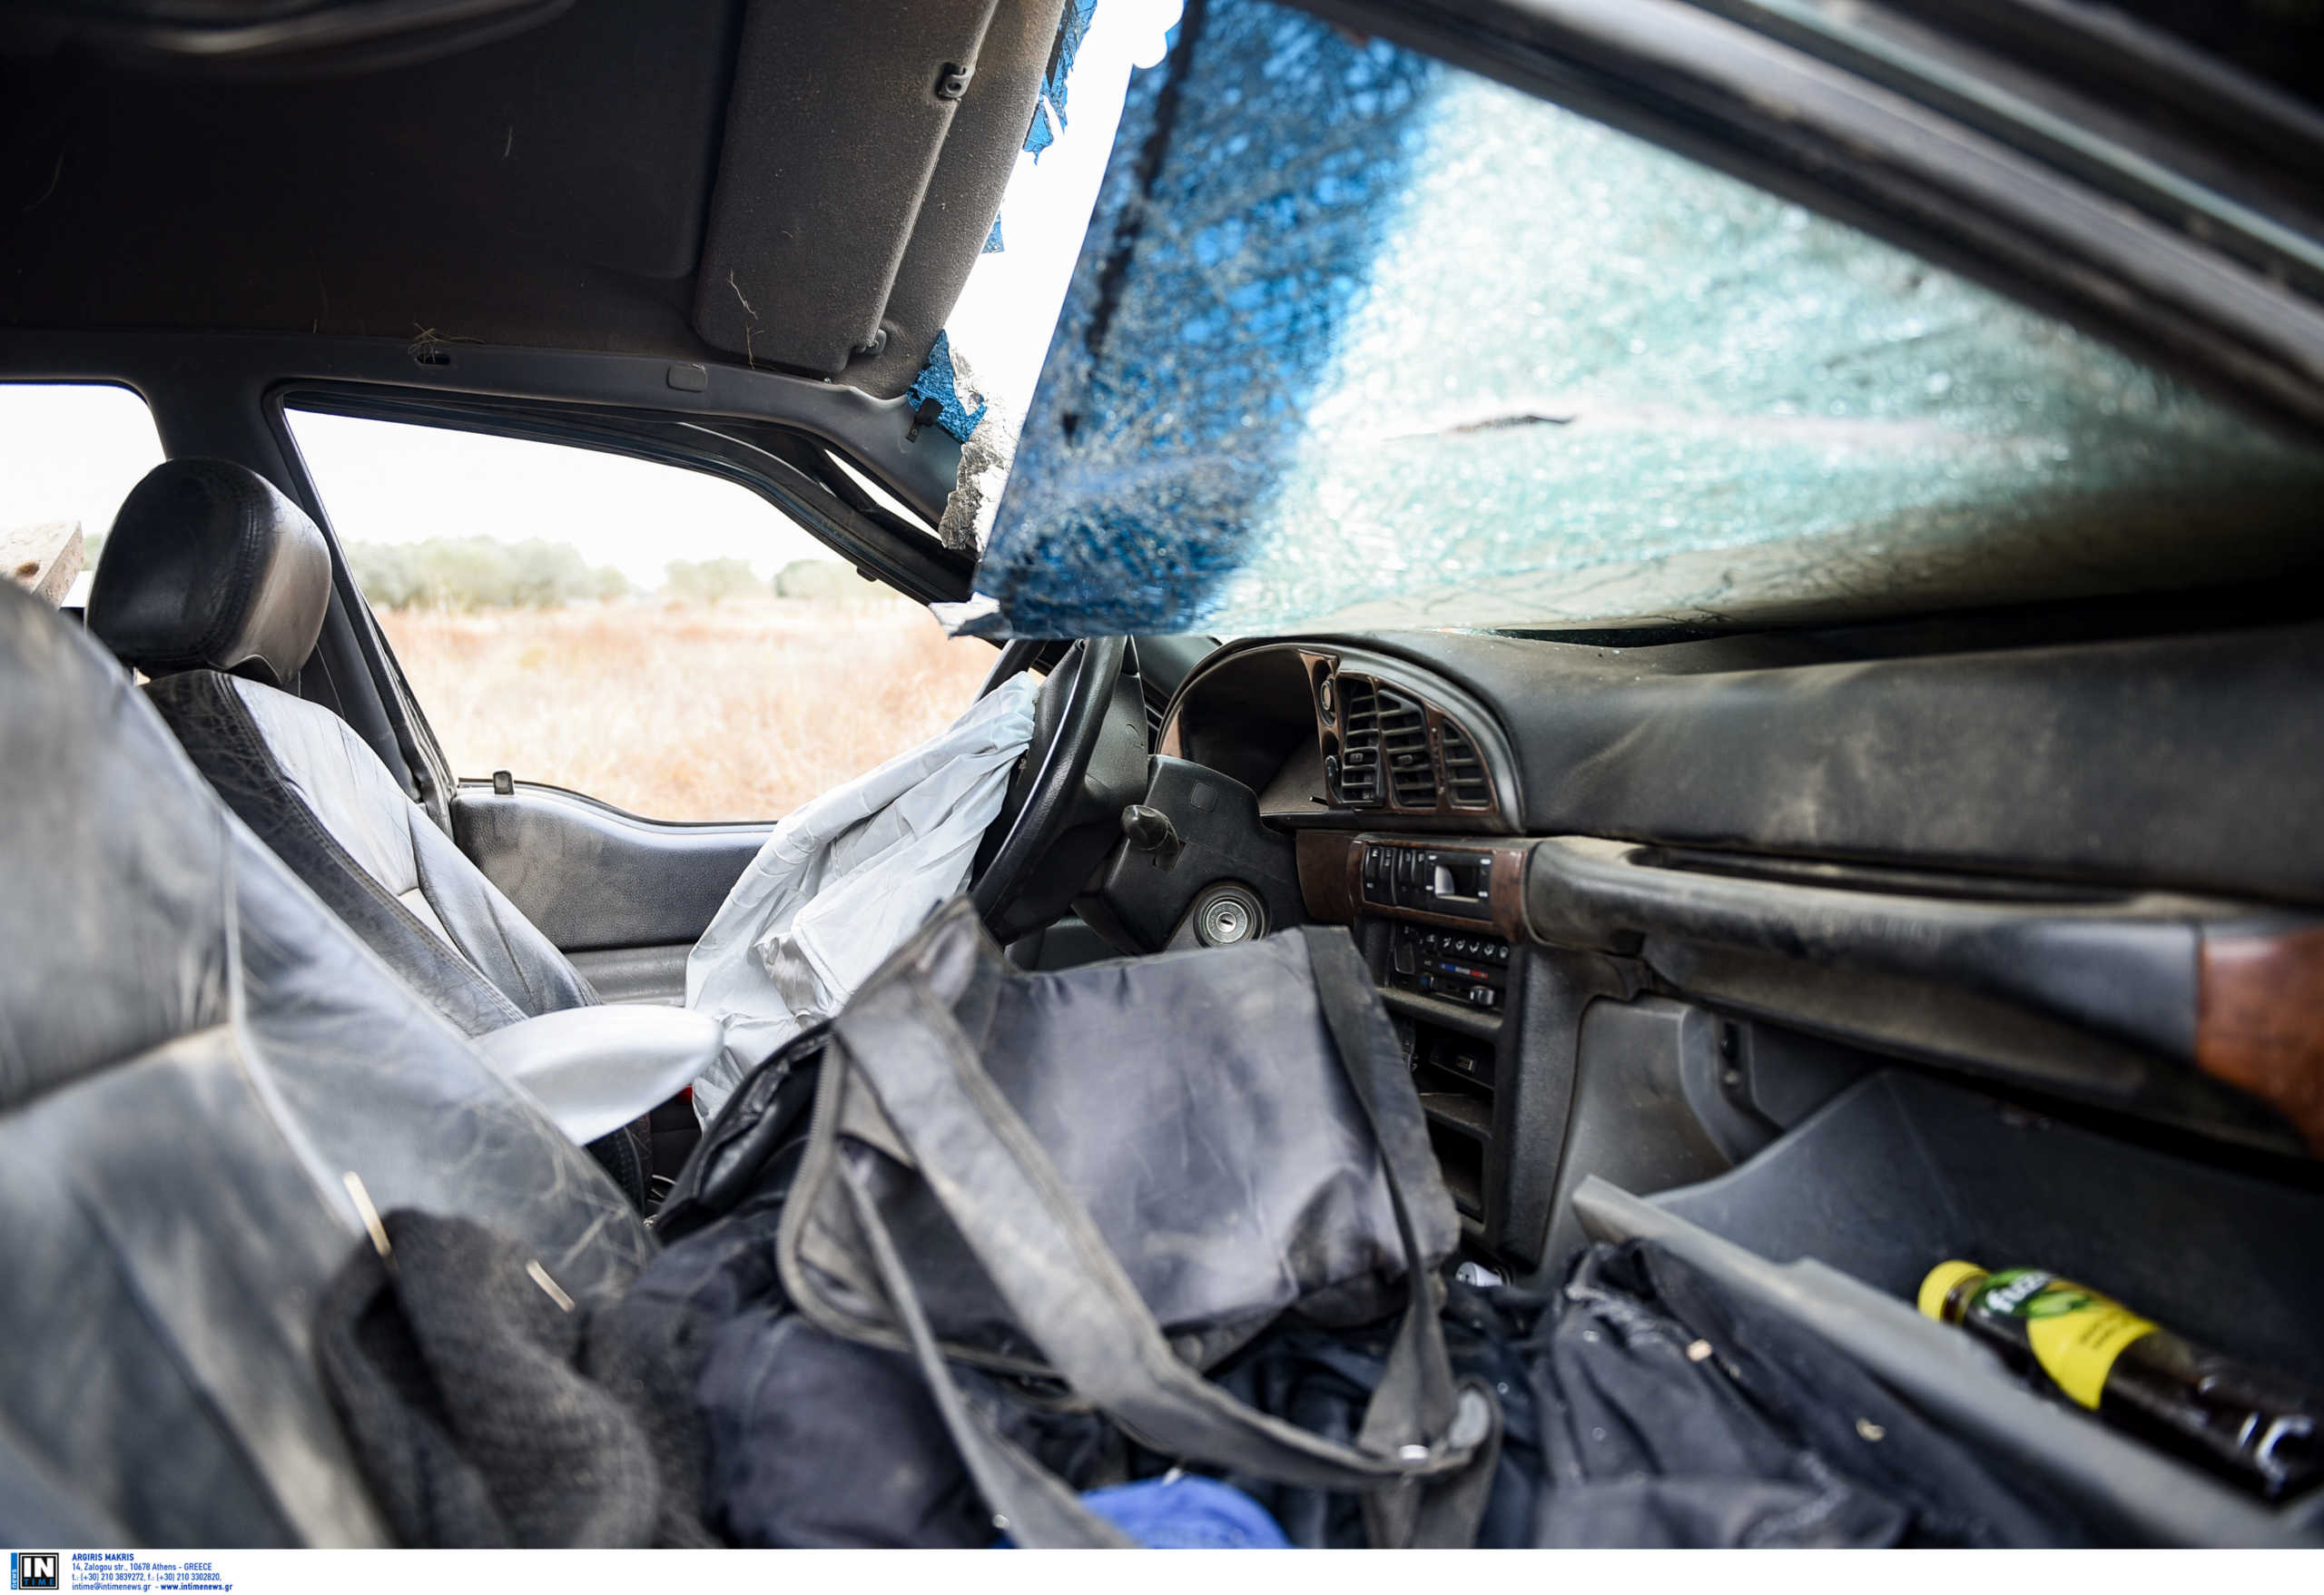 Σέρρες: Ανατριχιαστικός θάνατος οδηγού σε φοβερό τροχαίο! Έχασε τον έλεγχο και το πλήρωσε με τη ζωή του